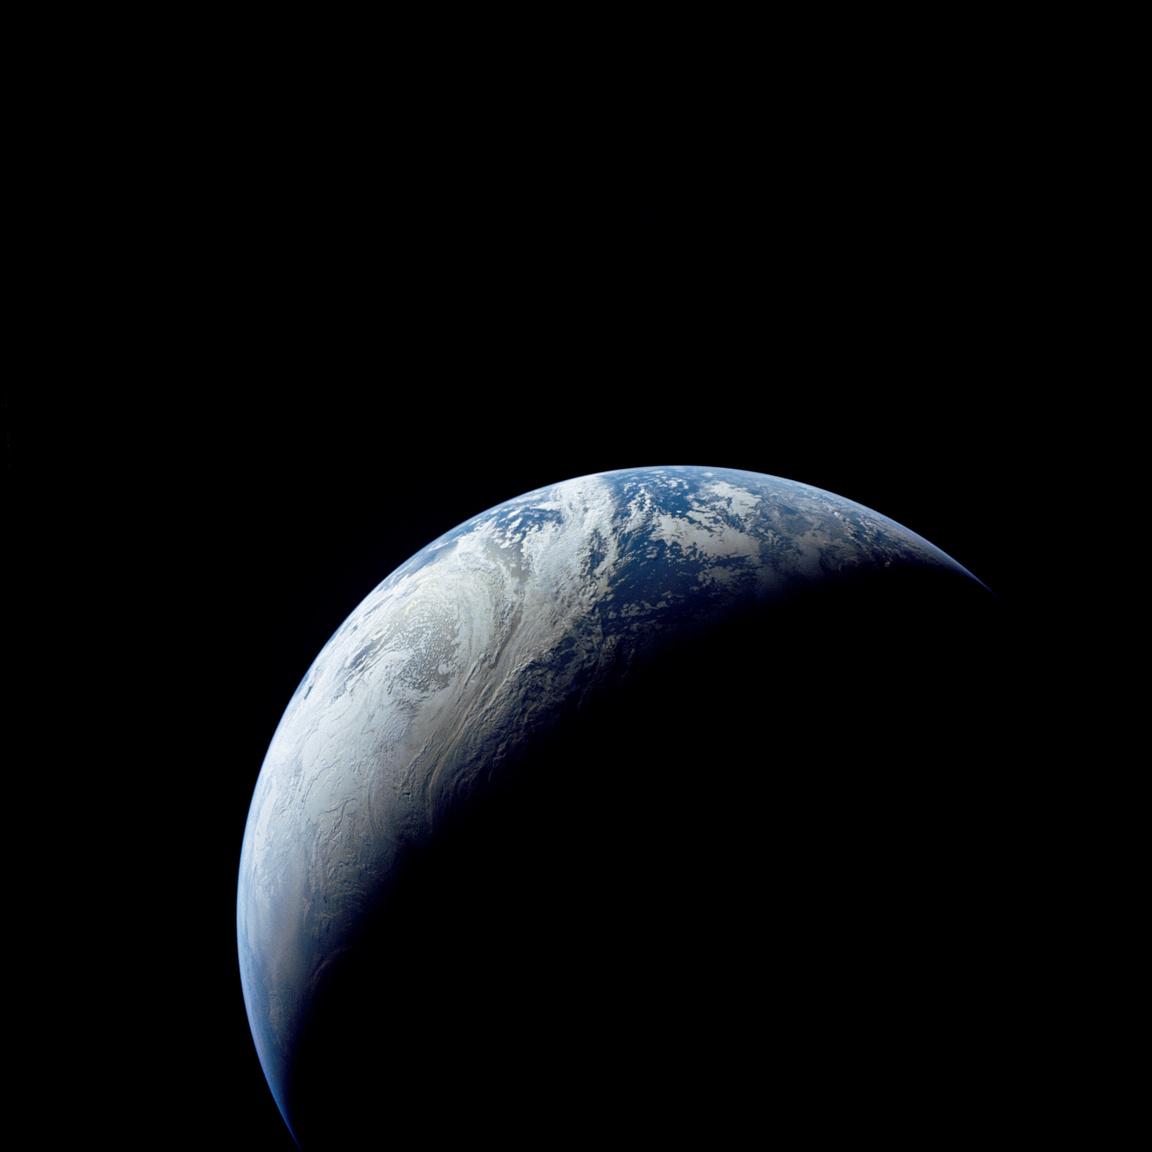 Így festett Brazília partvidéke, Nyugat-Afrika, a Déli Sark és az Atlanti-óceán ötven évvel ezelőtt, 18 047 kilométeres távolságból. Az Apollo-4 fedélzetére pakolt kamera készítette első fotókat, amik ilyen nagy távolságból mutatták Földünkről. (Ezt megelőzően a Gemini-XI űrhajósai látták és fotózták jóval közelebbről, 1369 kilométer magas pályáról bolygónkat.)